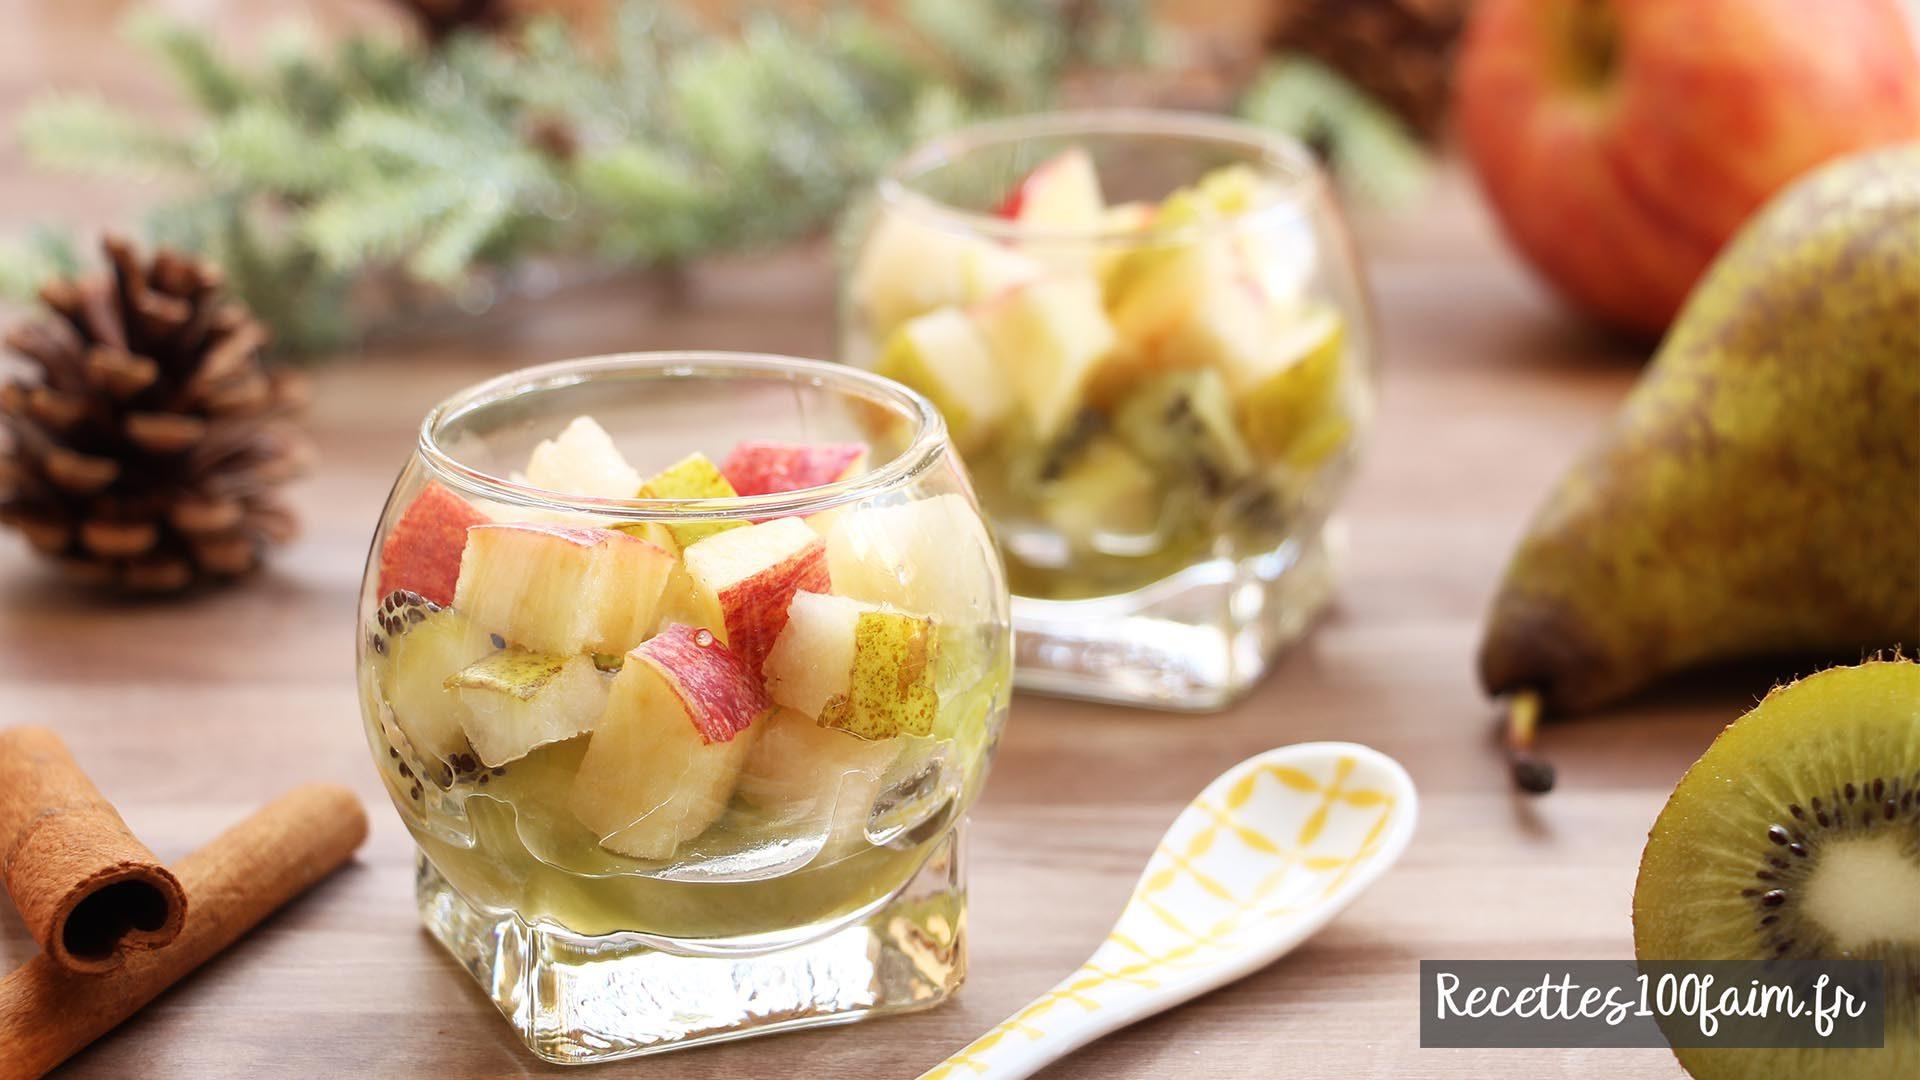 recette fruits pomme poire kiwi vanille